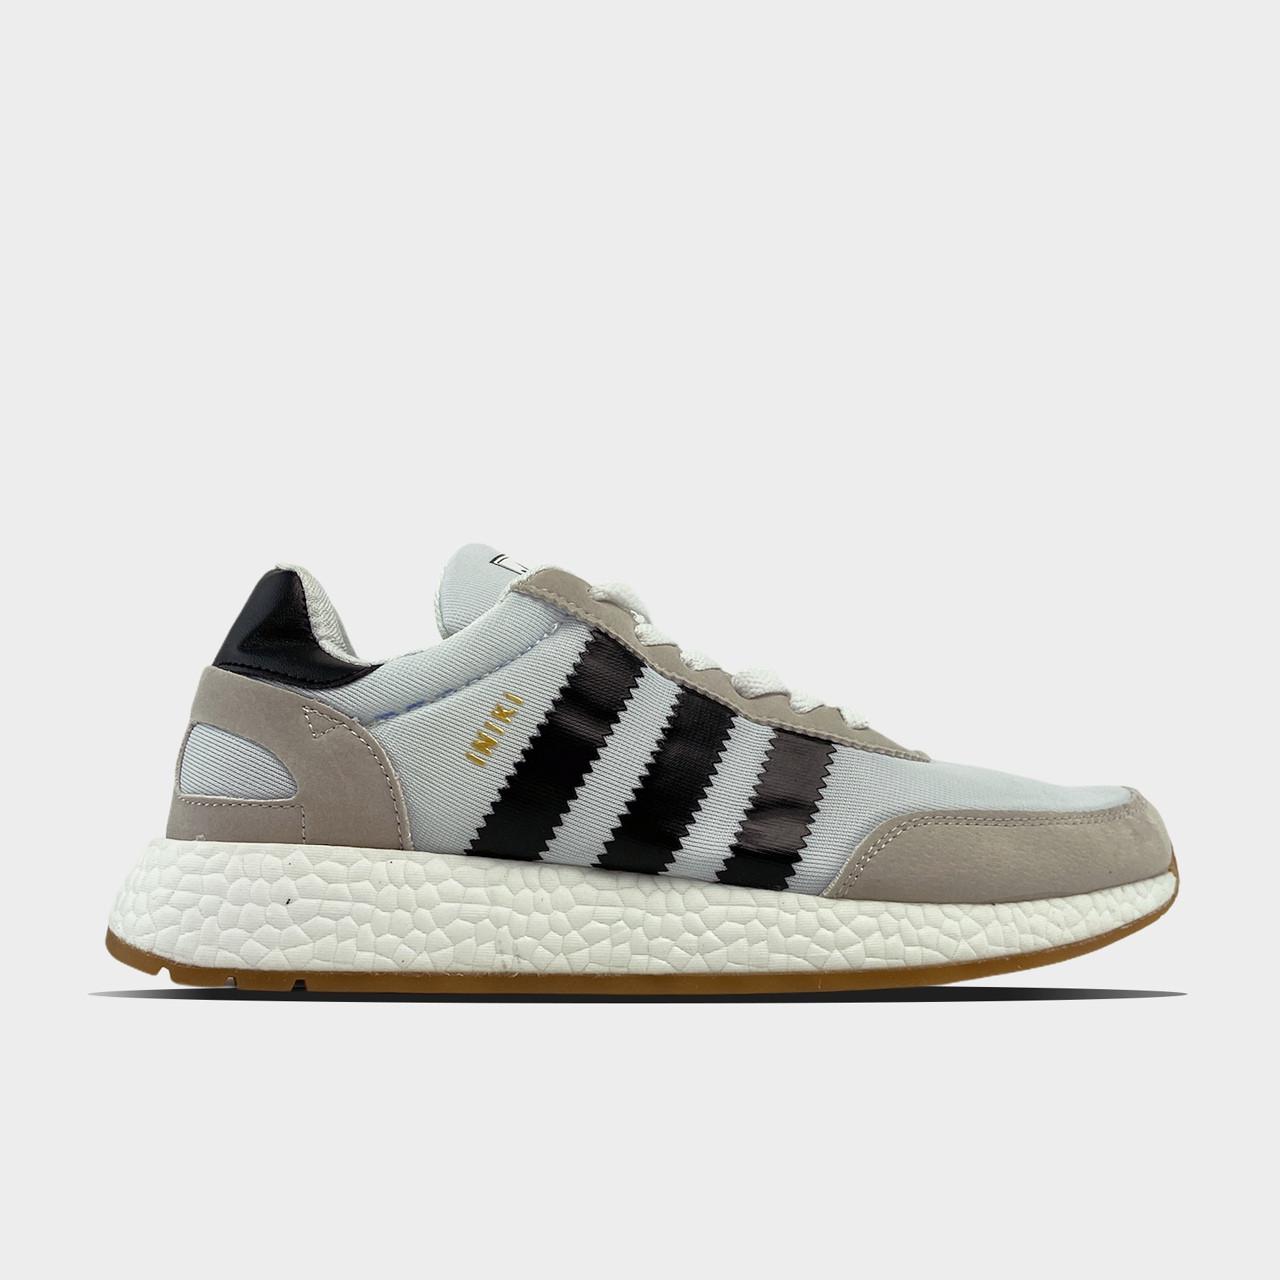 Adidas чоловічі демісезонні сірі кросівки на шнурках. Весняні чоловічі текстильні кроси.